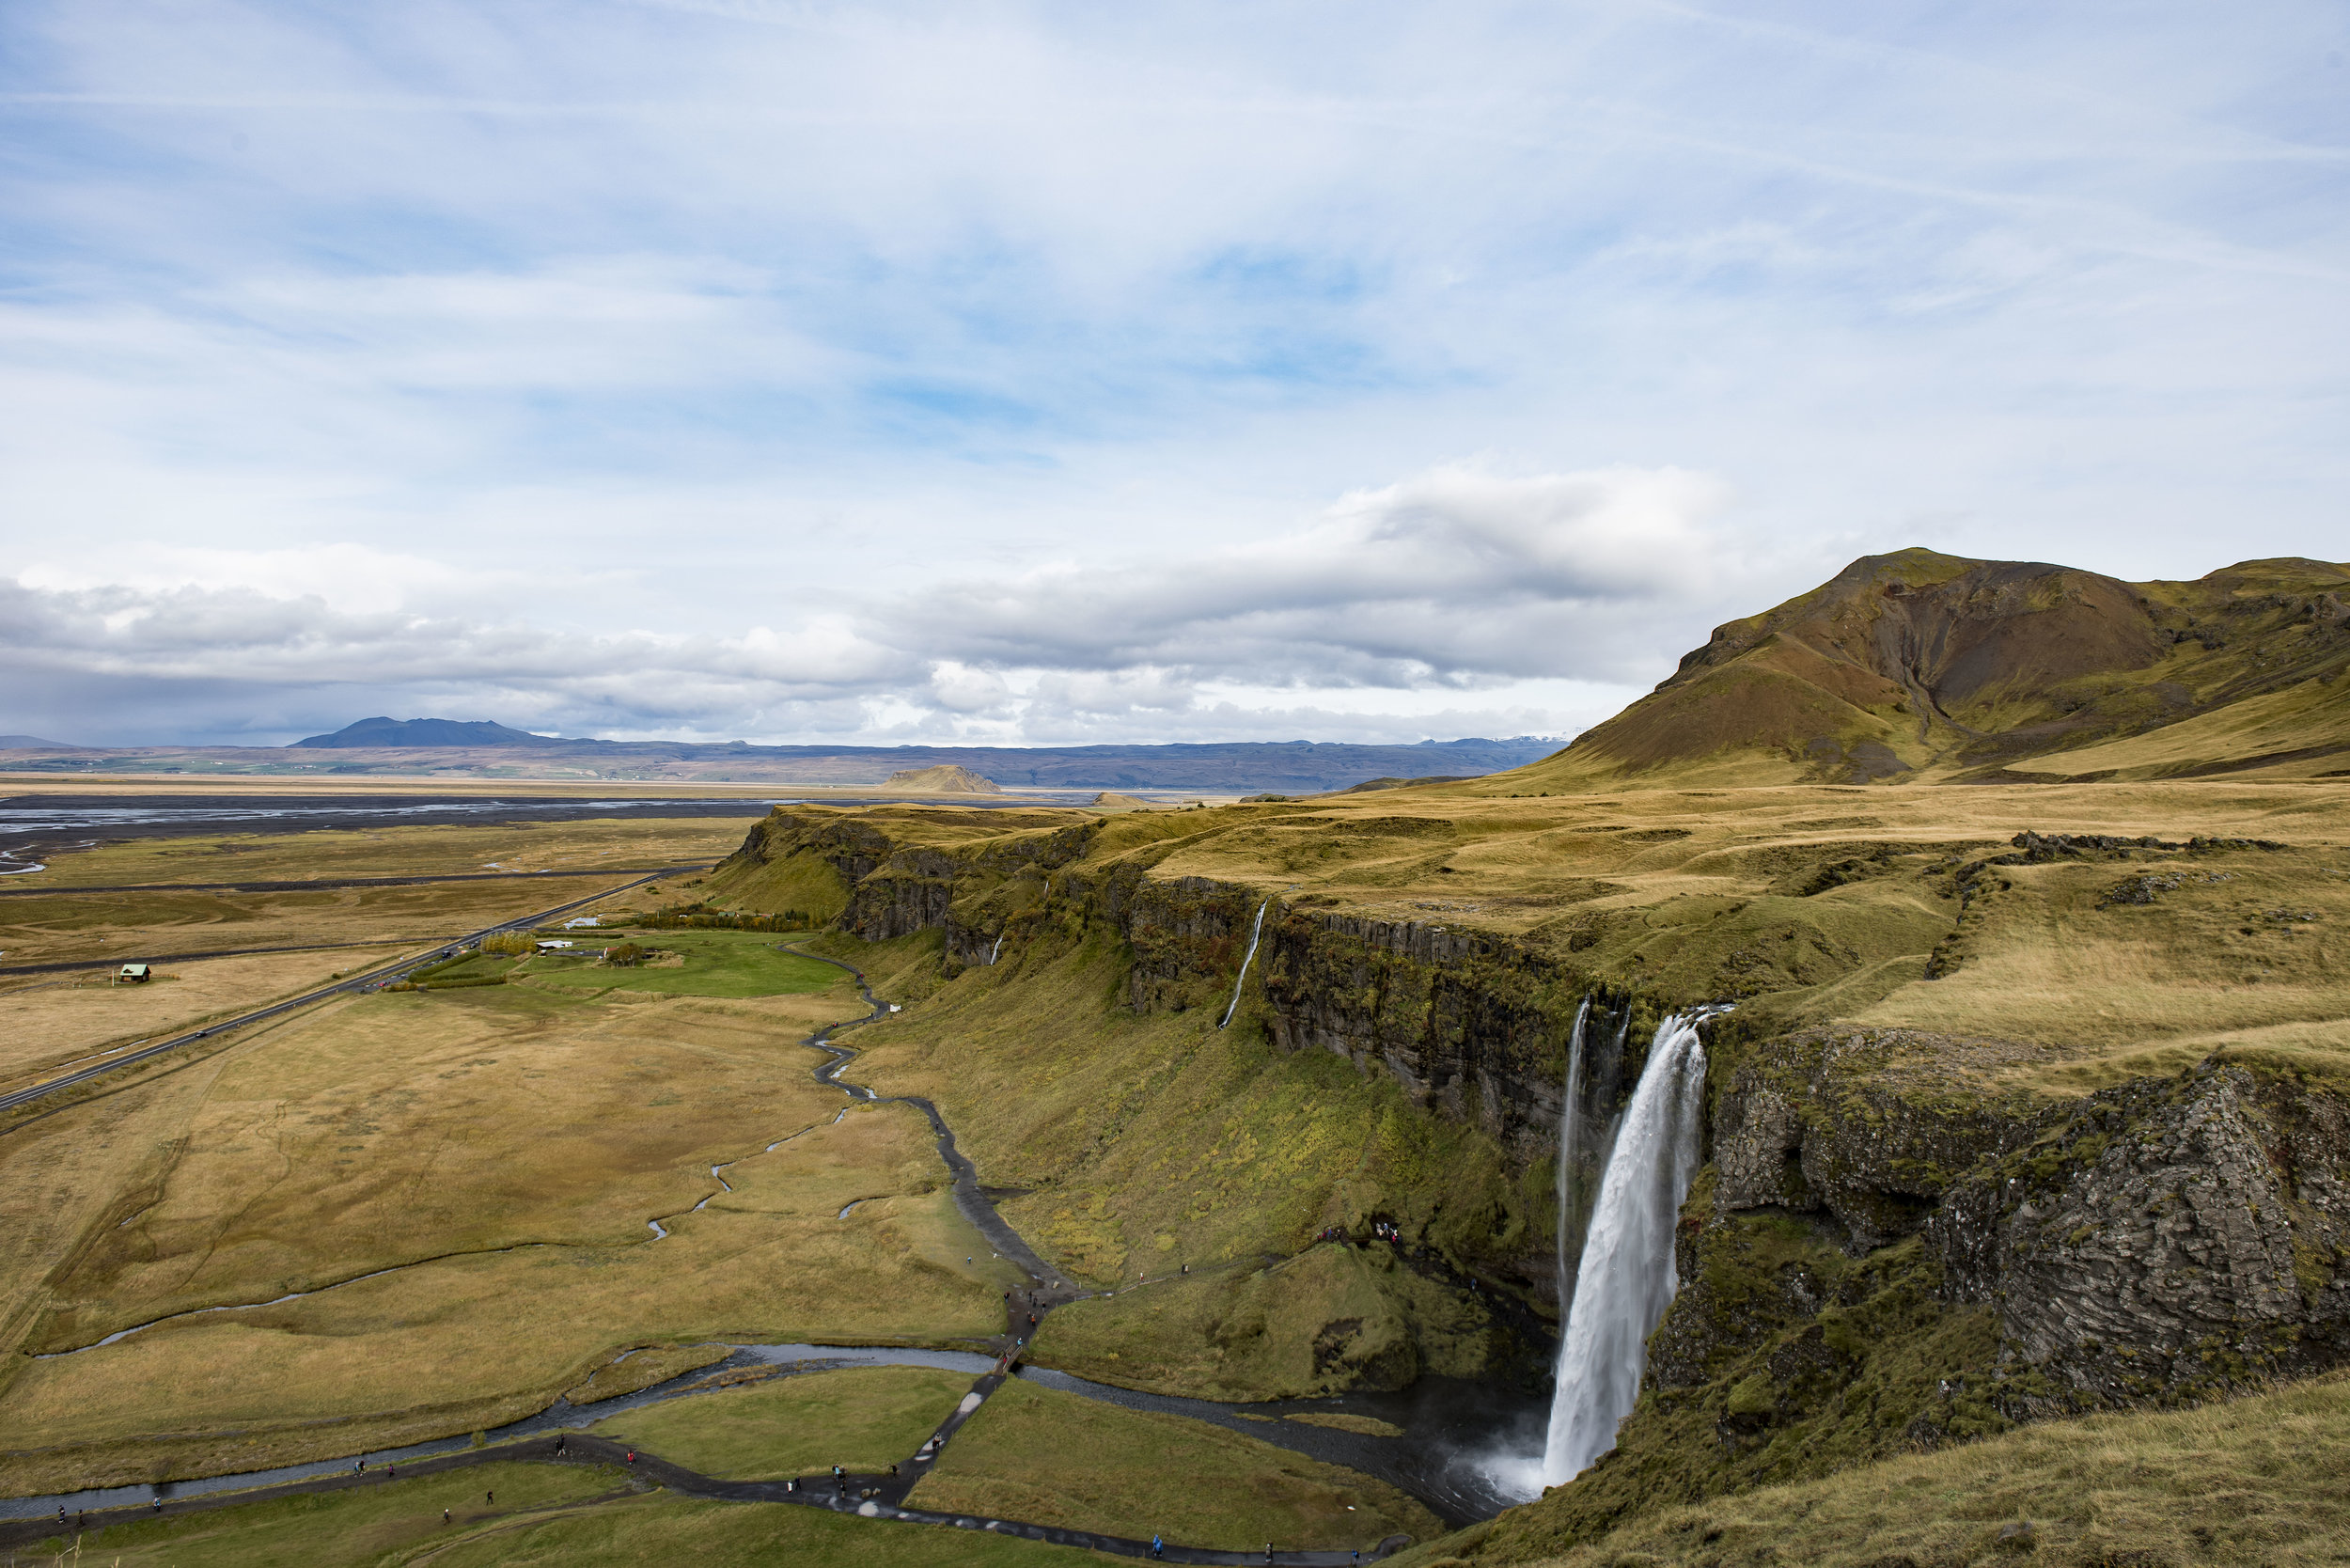 Iceland_Mediate_2016_DSC_5763.jpg